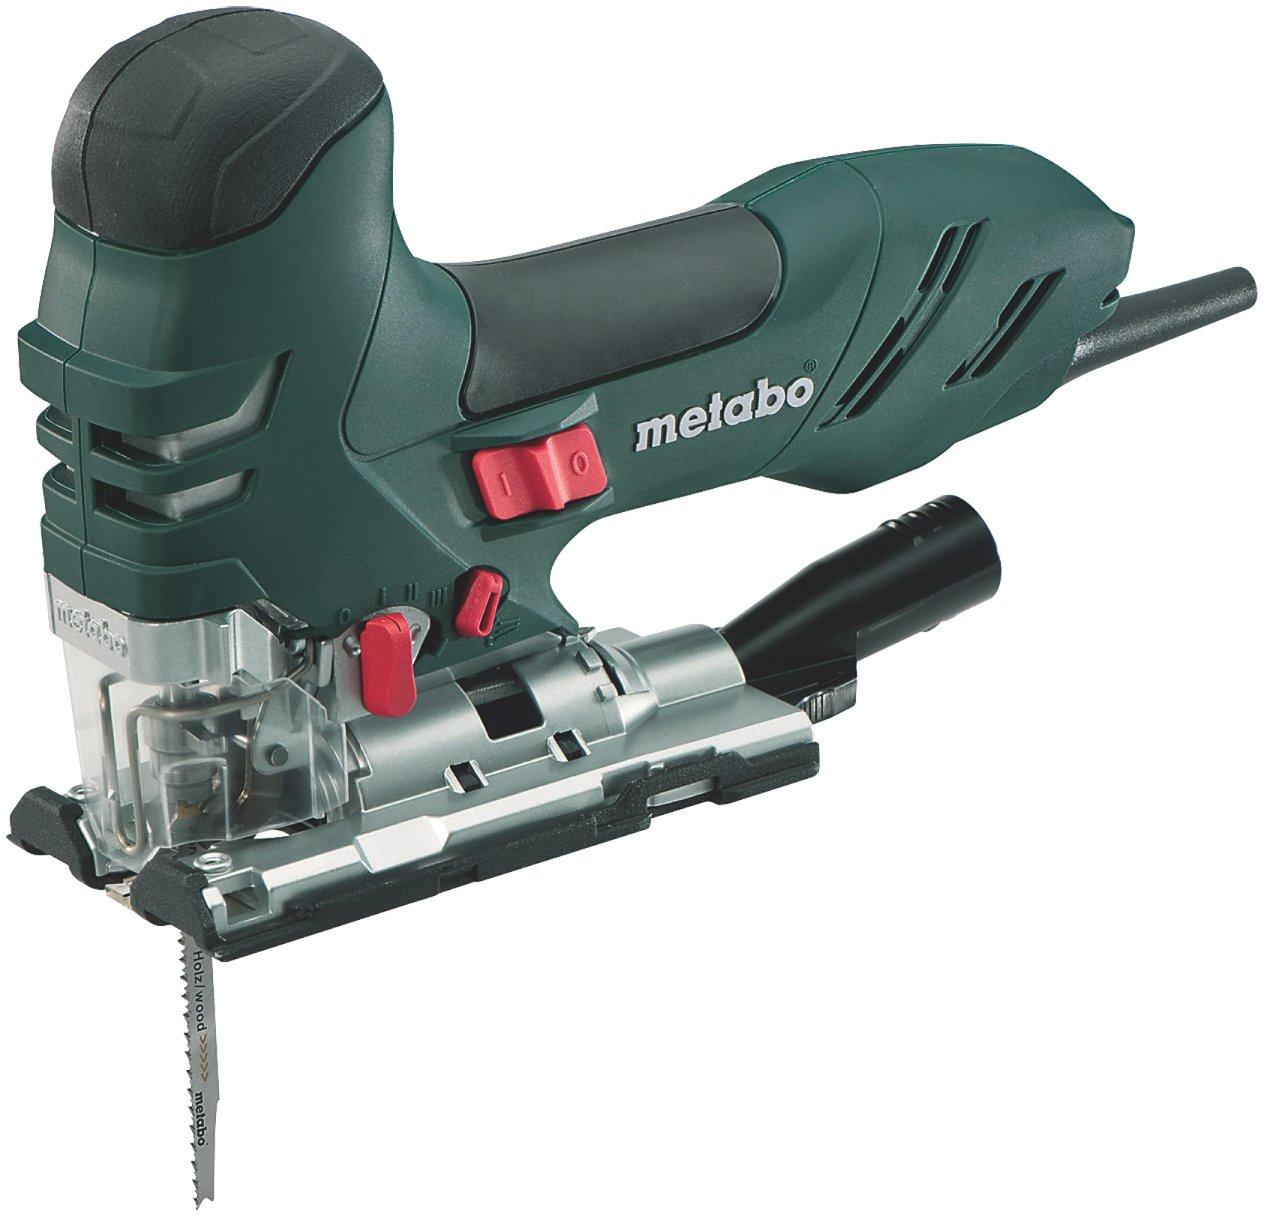 Metabo 601403500 Stichsäge STE 140 Plus  BaumarktKundenbewertung und Beschreibung